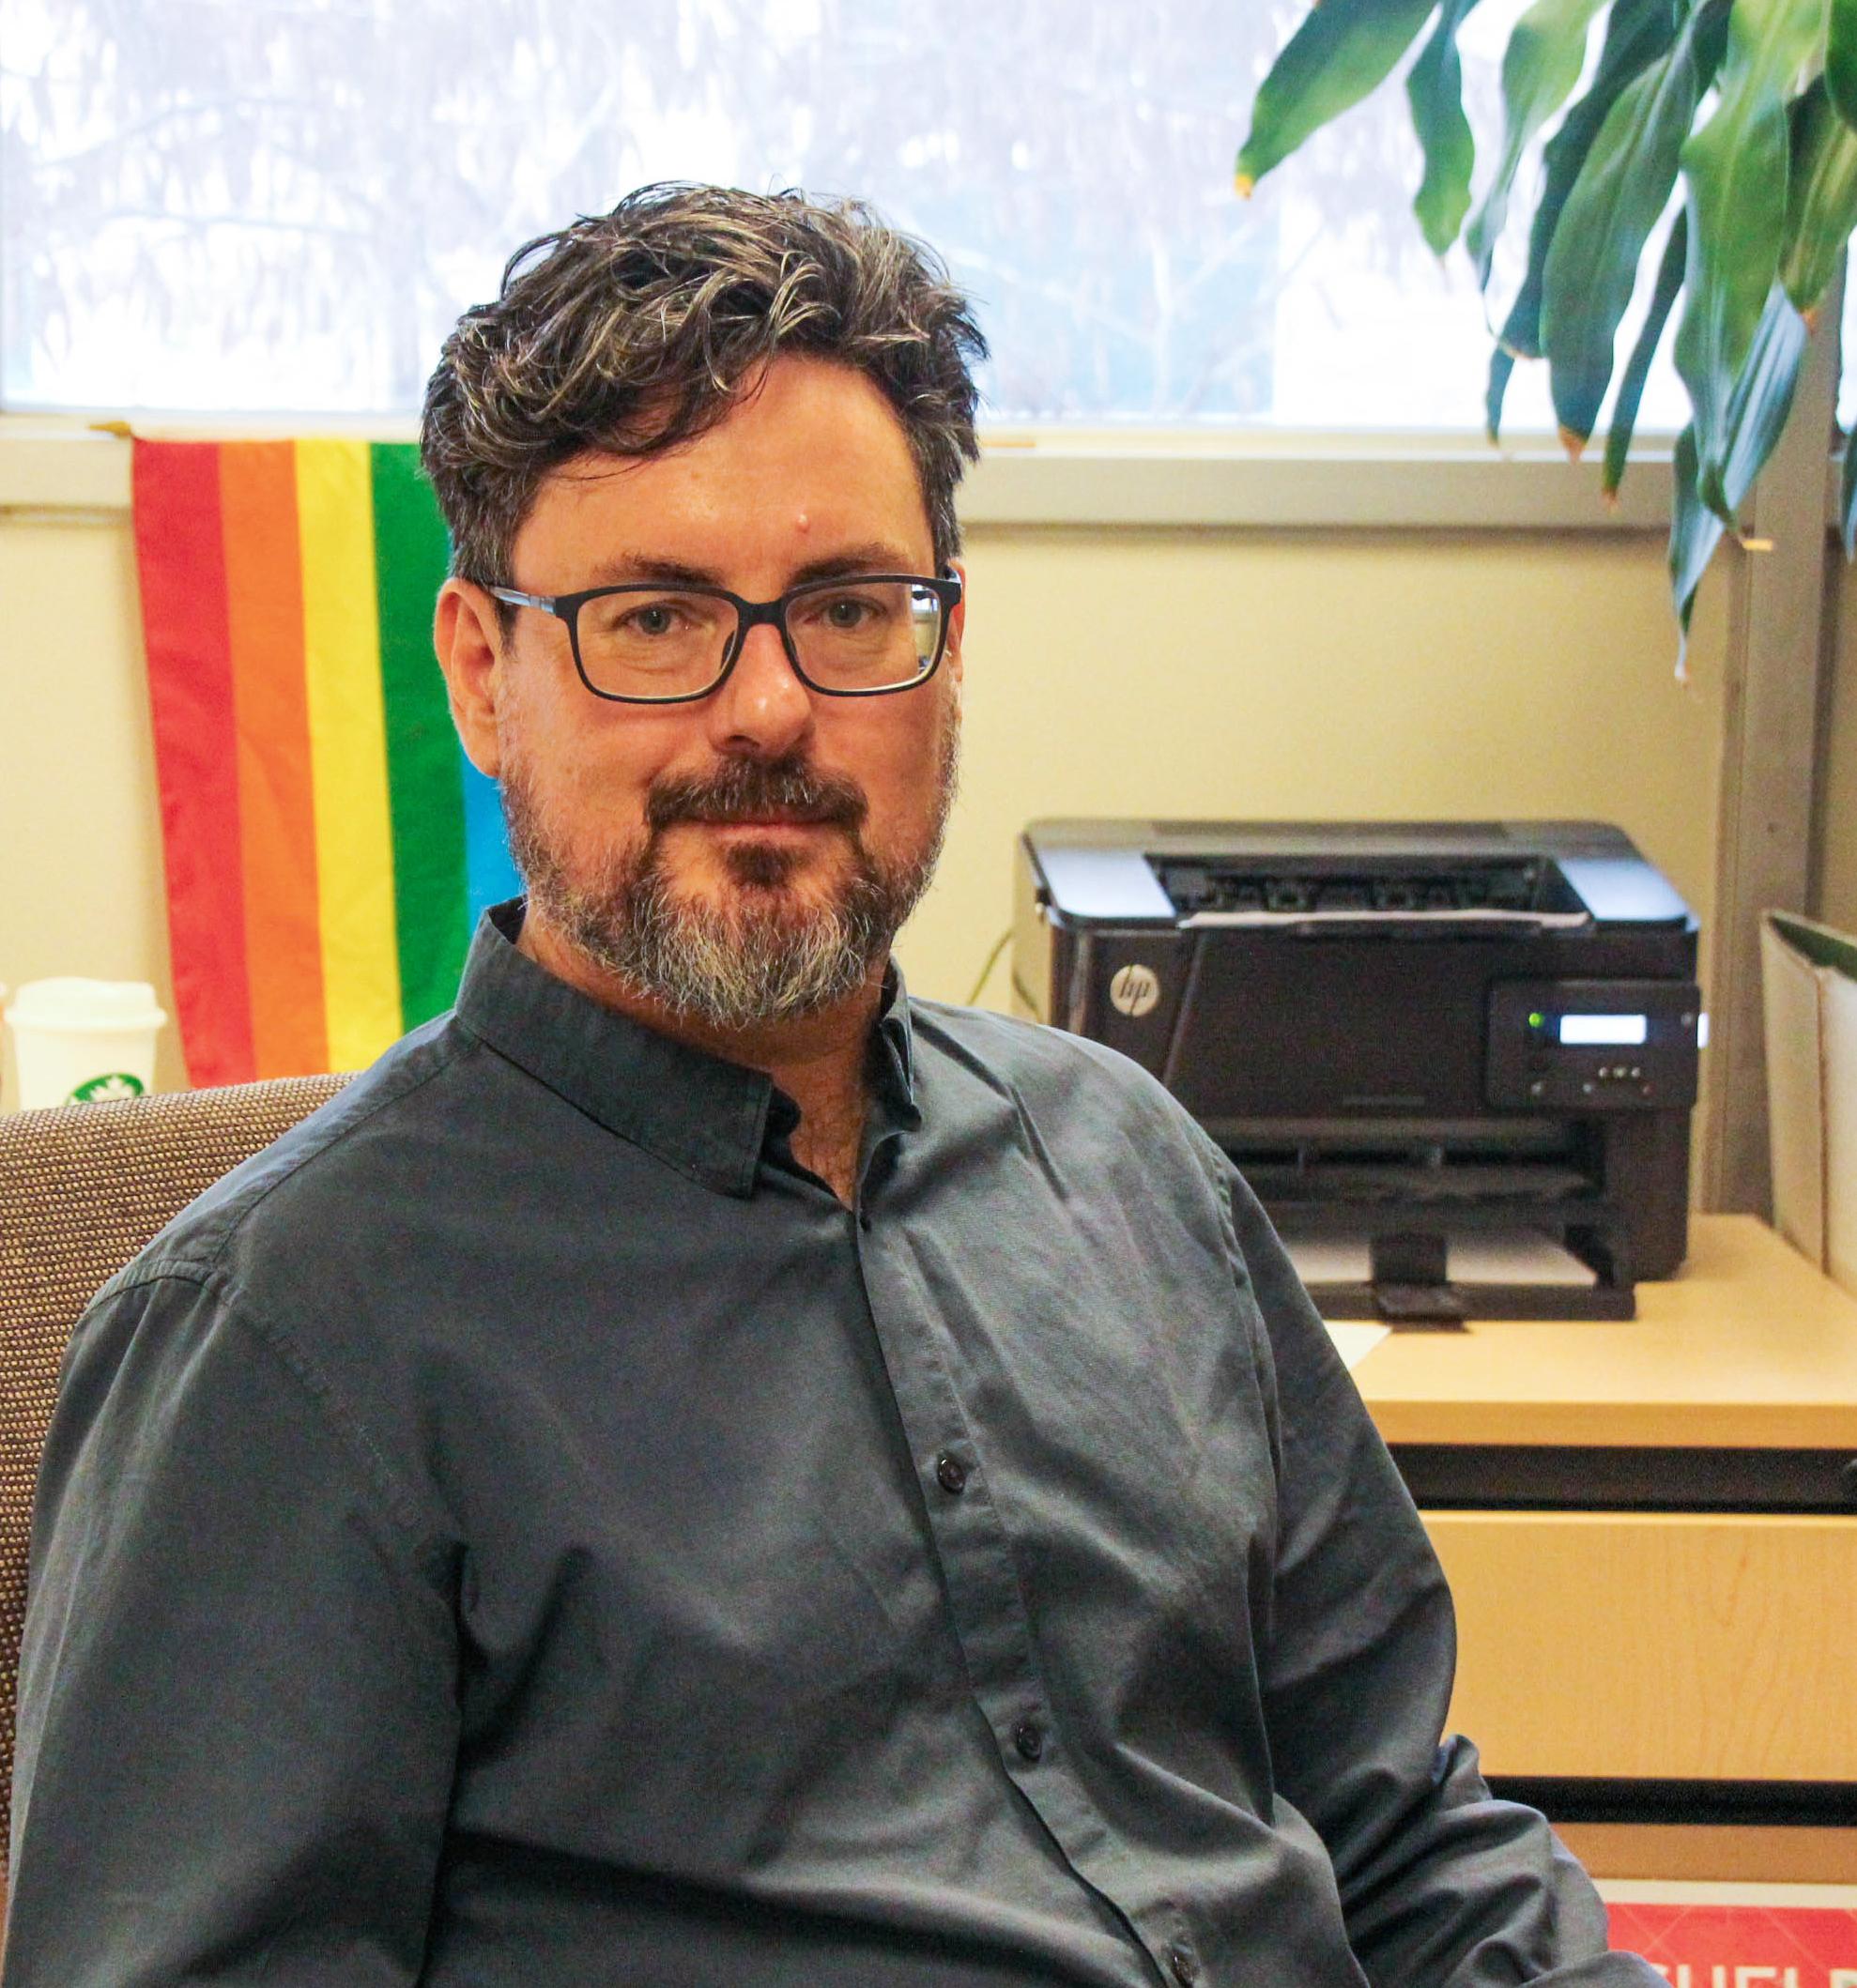 Dr. Robert Case